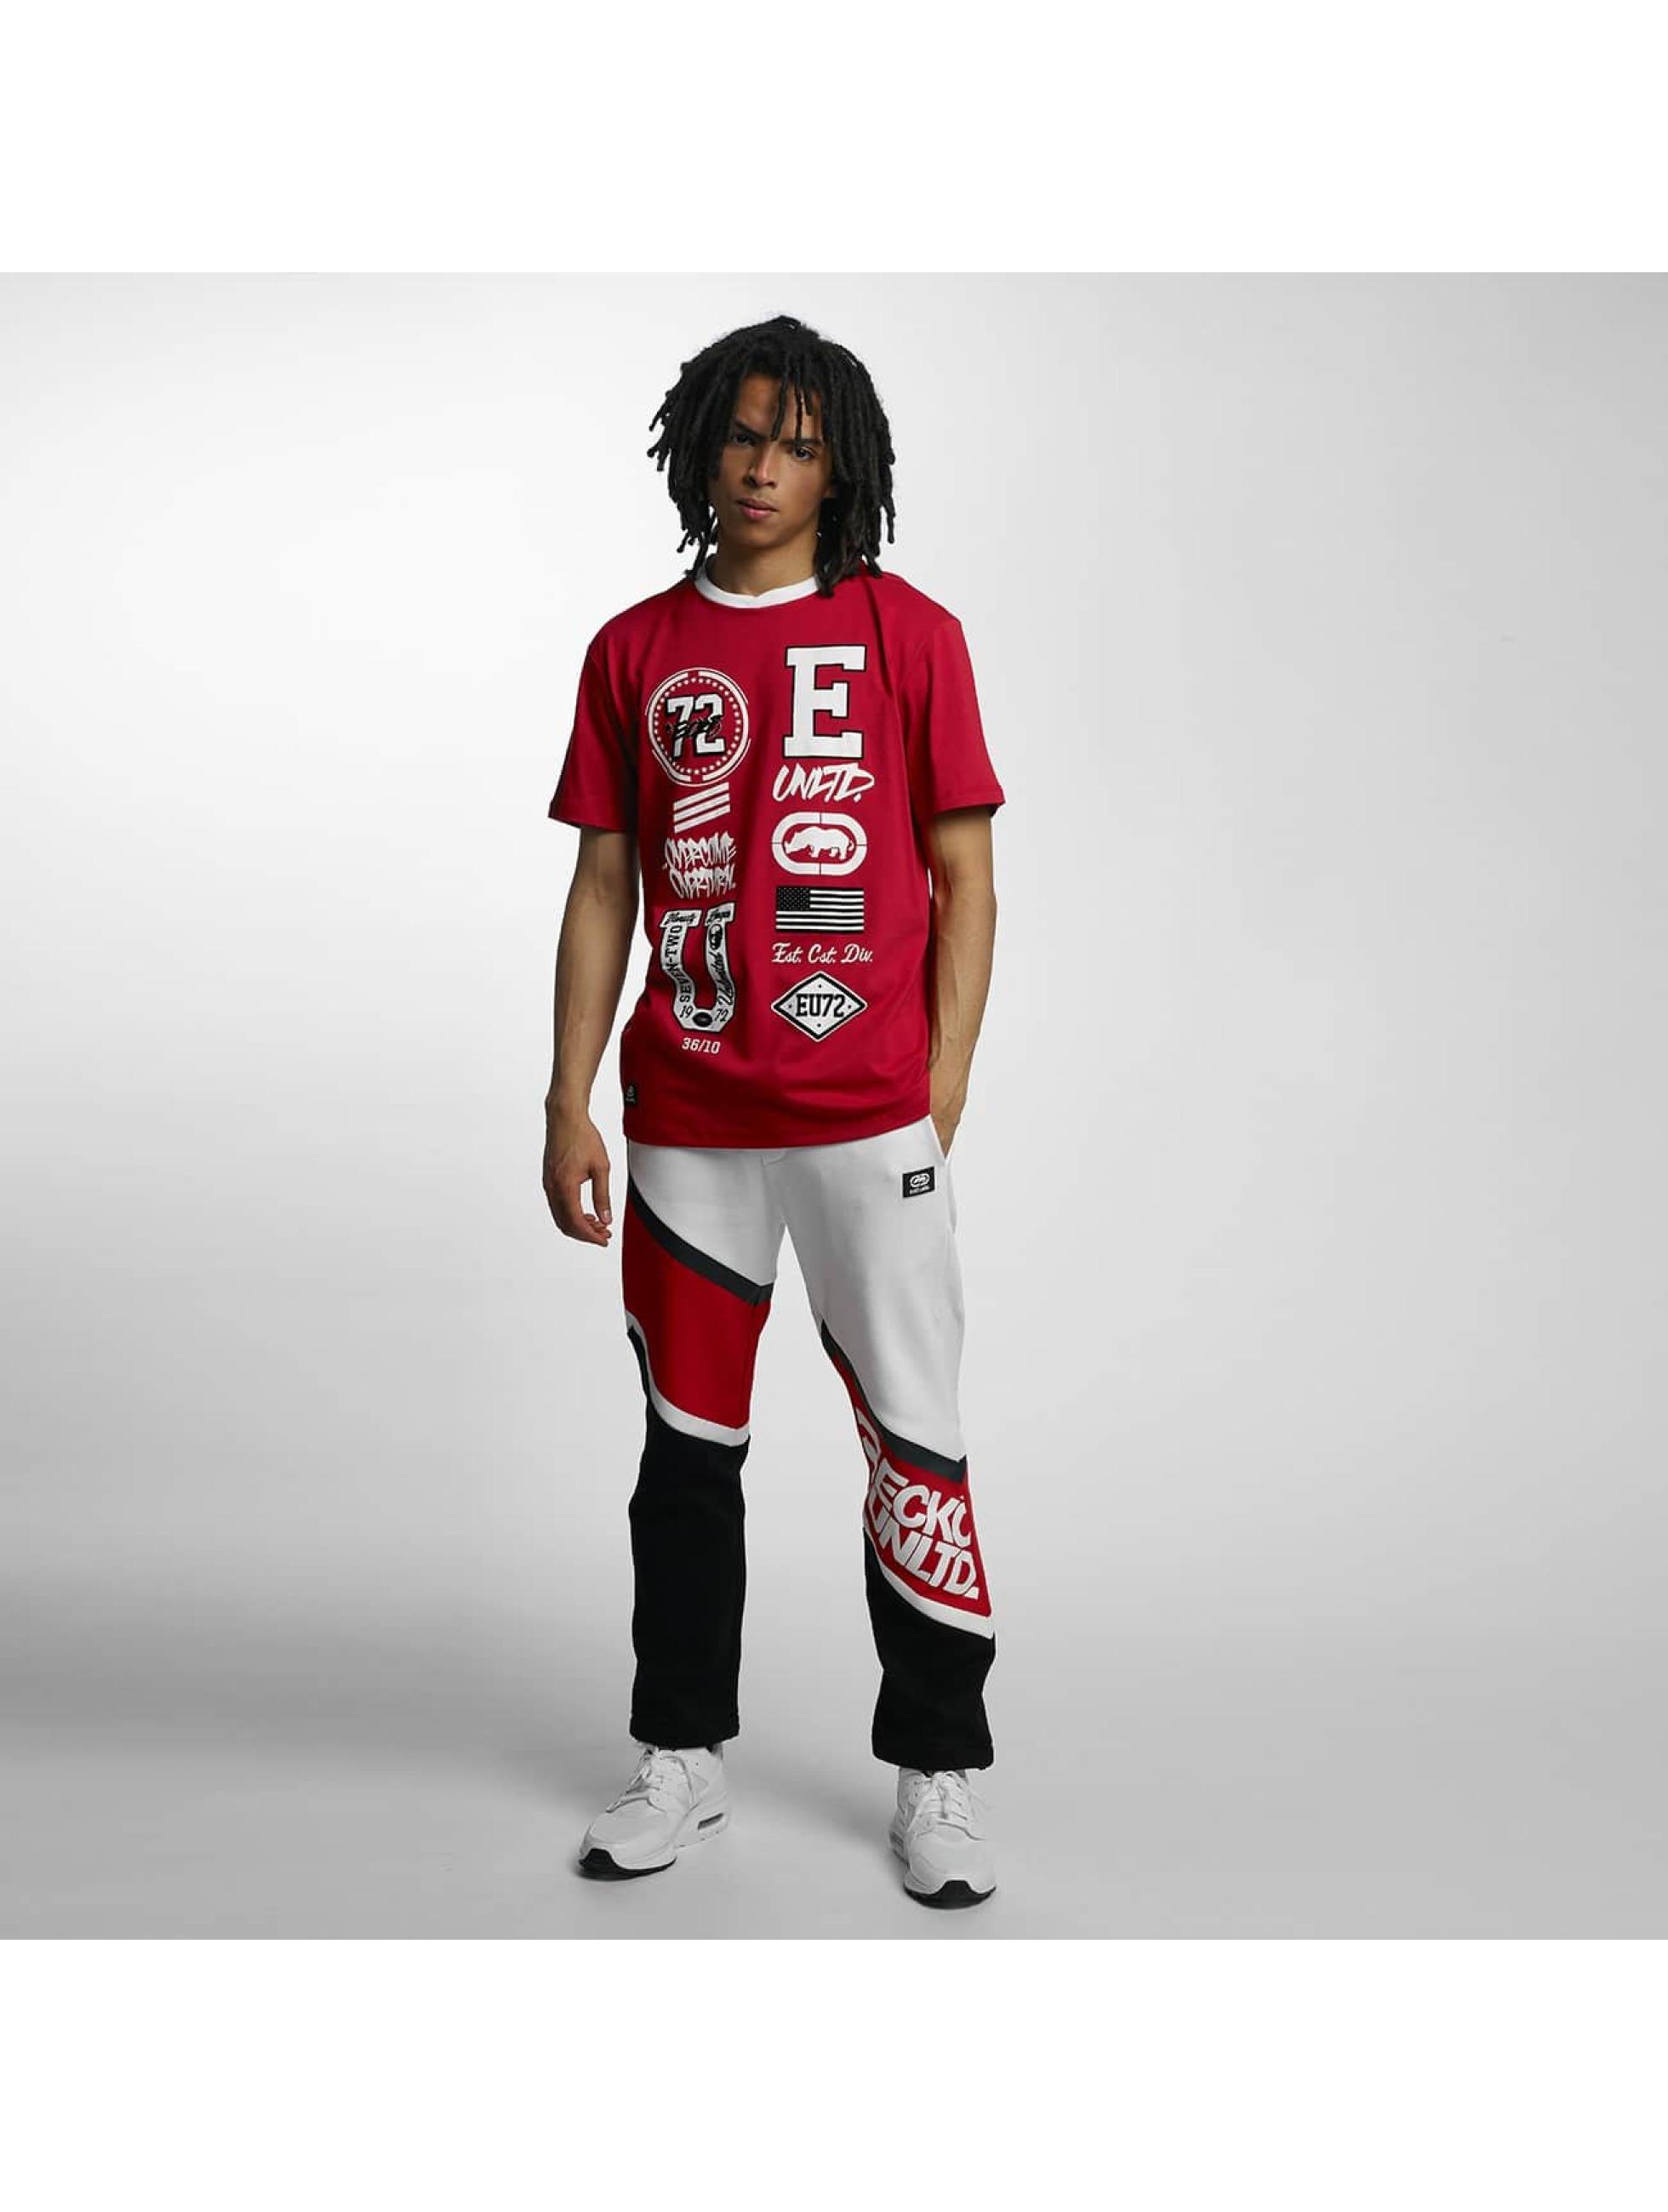 Ecko-Unltd-Uomini-Maglieria-T-shirt-College-Patches